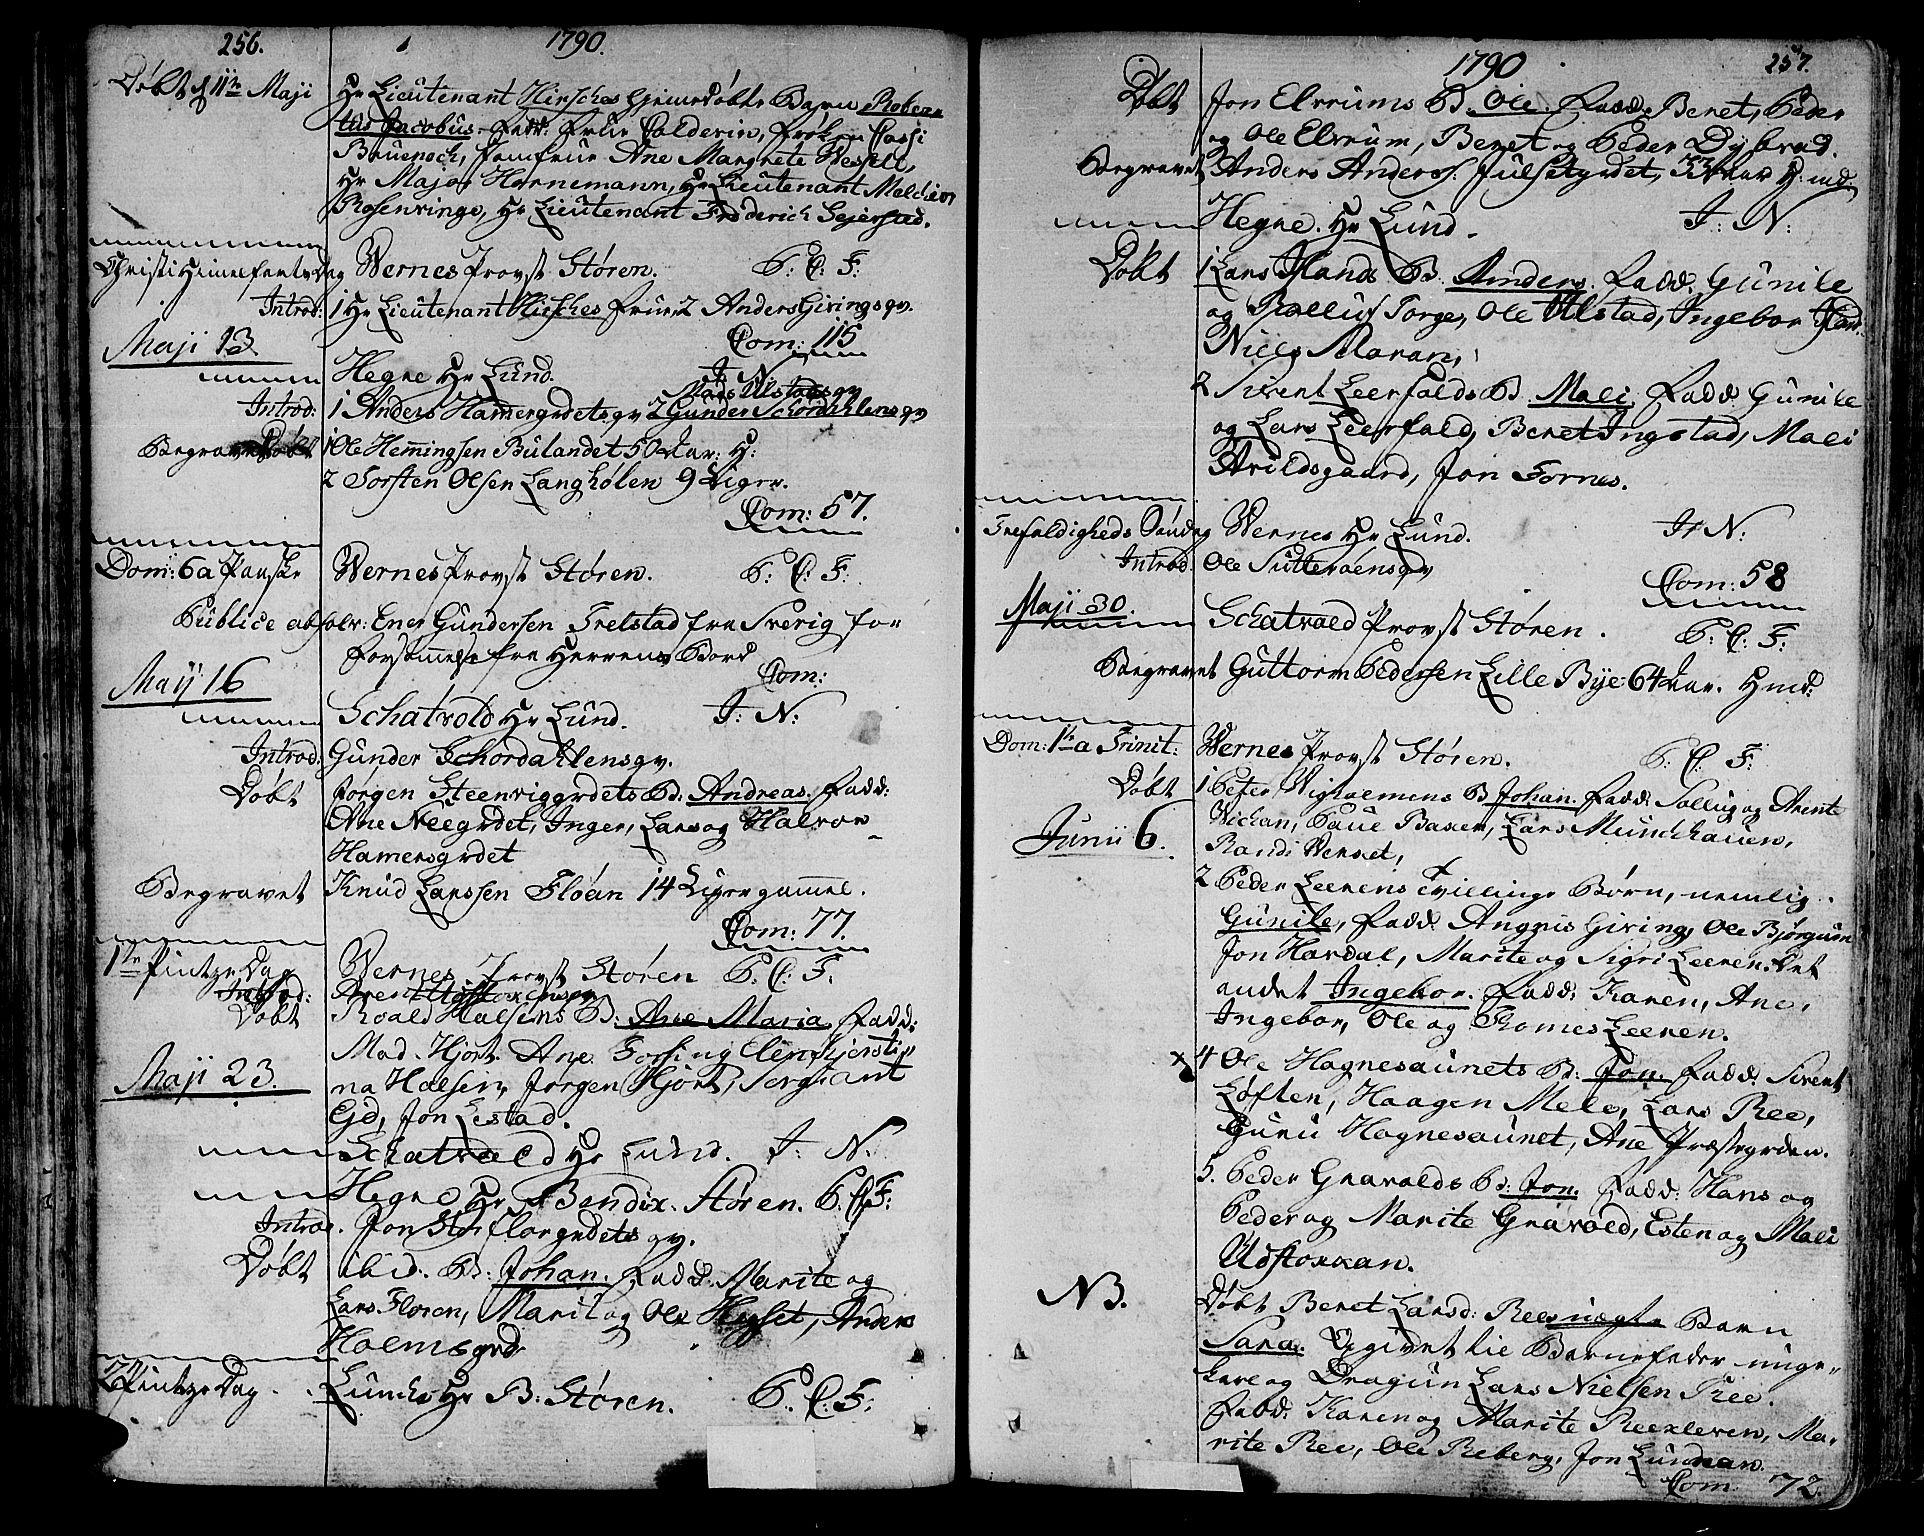 SAT, Ministerialprotokoller, klokkerbøker og fødselsregistre - Nord-Trøndelag, 709/L0059: Ministerialbok nr. 709A06, 1781-1797, s. 256-257